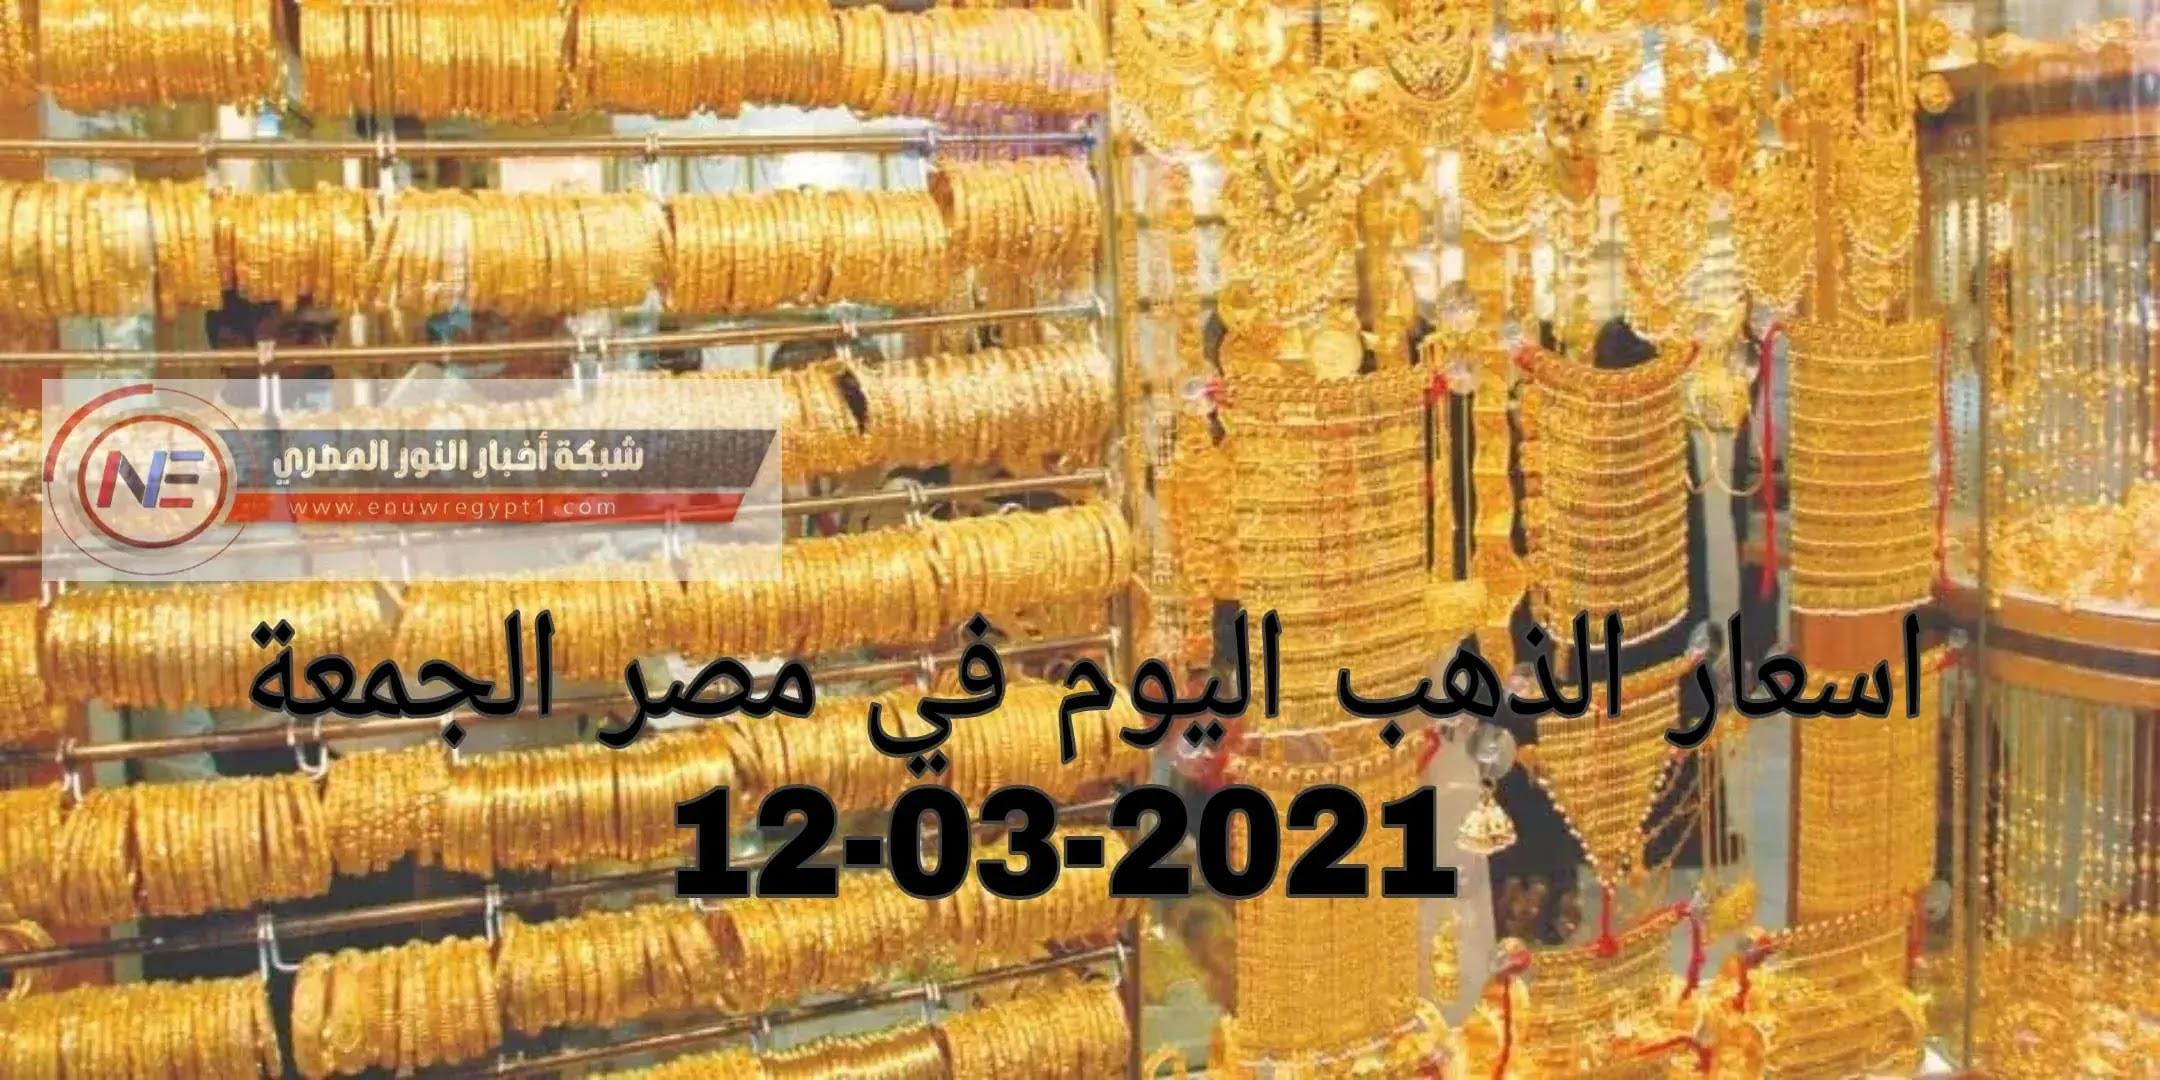 ارتفاع جديد في اسعار الذهب اليوم في مصر | سعر الذهب اليوم الجمعة 12-03-2021 في السوق المصري | سعر جرام الذهب اليوم في محلات الصاغة